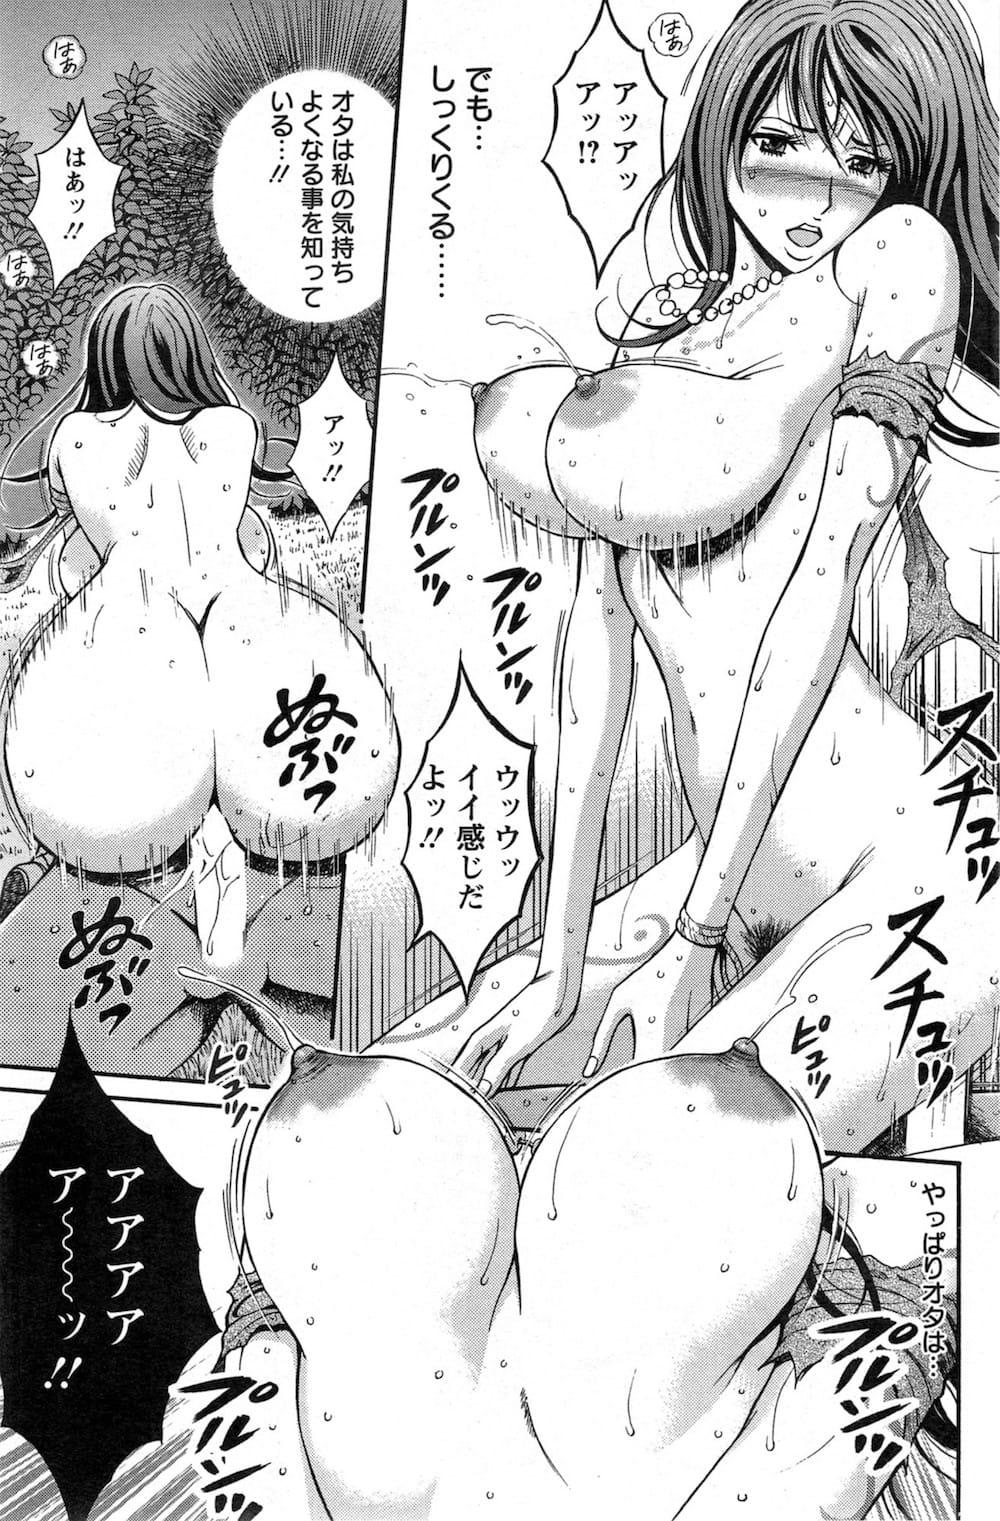 【長編エロ漫画・第3話】原始時代にタイムスリップしたオタク!干し肉と木ノ実に飽きて女戦士の母乳を飲んじゃった!そして人類初の騎乗位SEX!【ながしま超助】